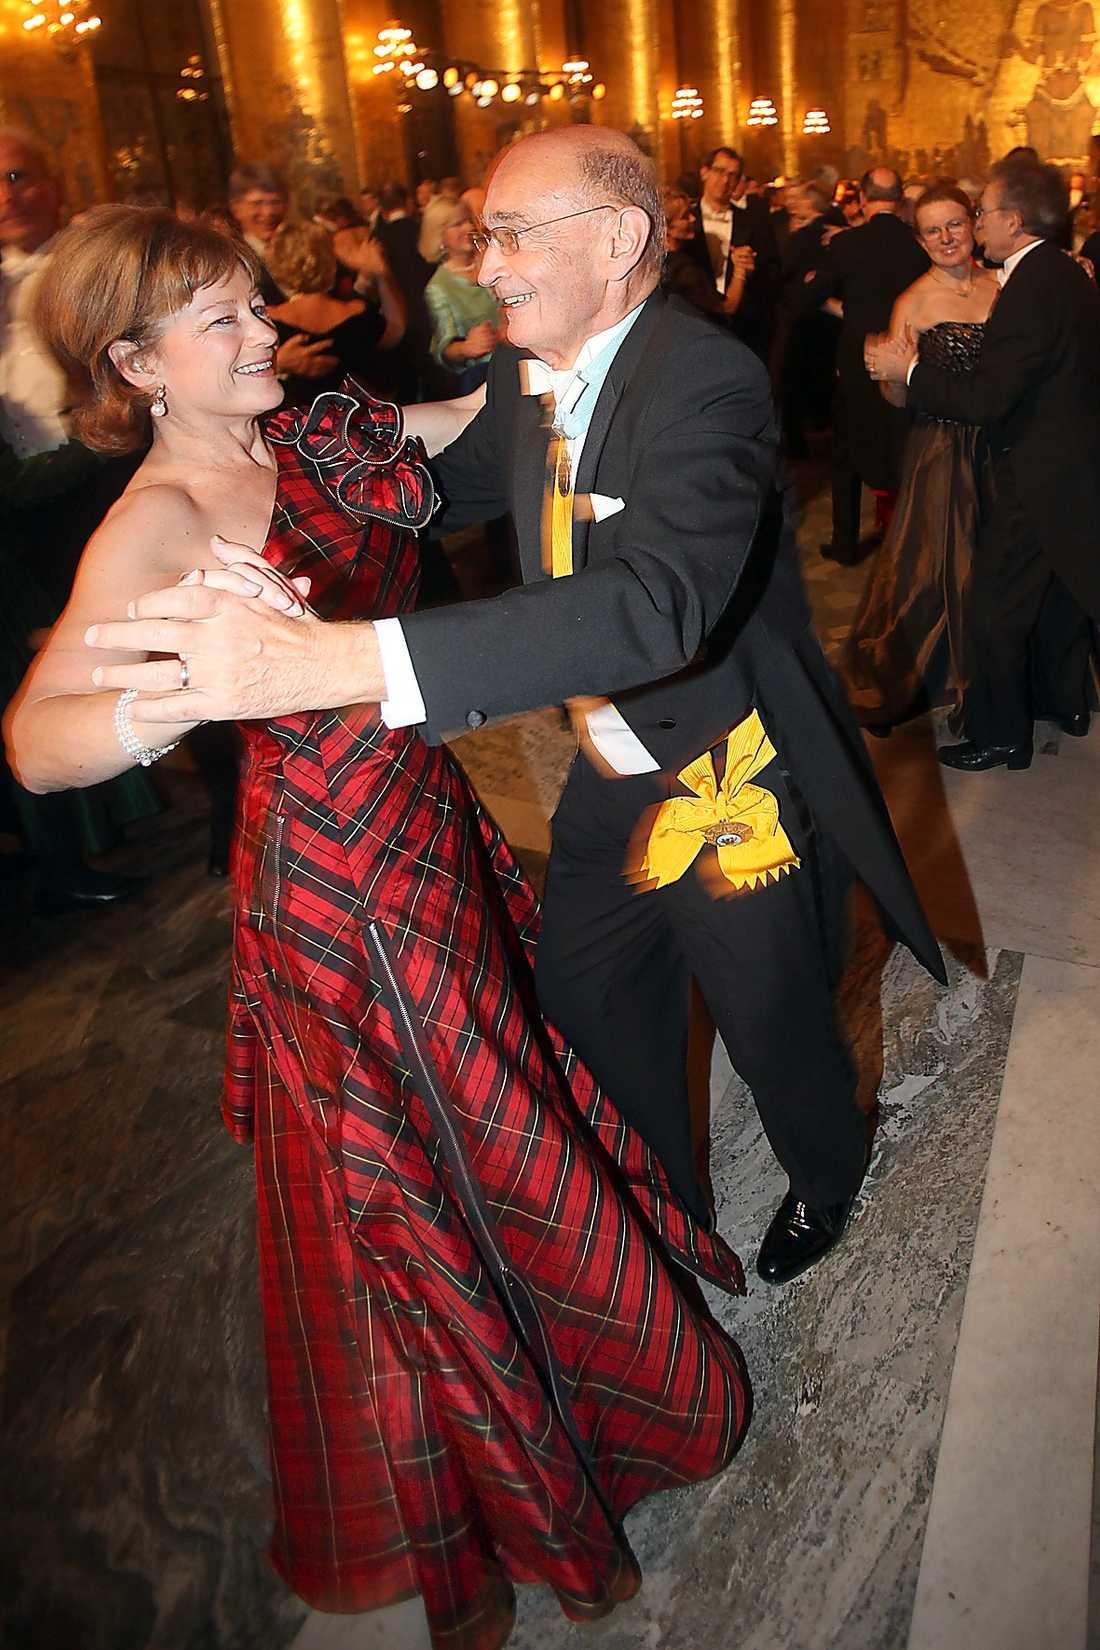 2008 bar kulturministern Lena Adelsohn Liljeroth en riktig rock'n'roll-outfit som man aldrig kommer att glömma. I skotskrutigt rockade hon galan.